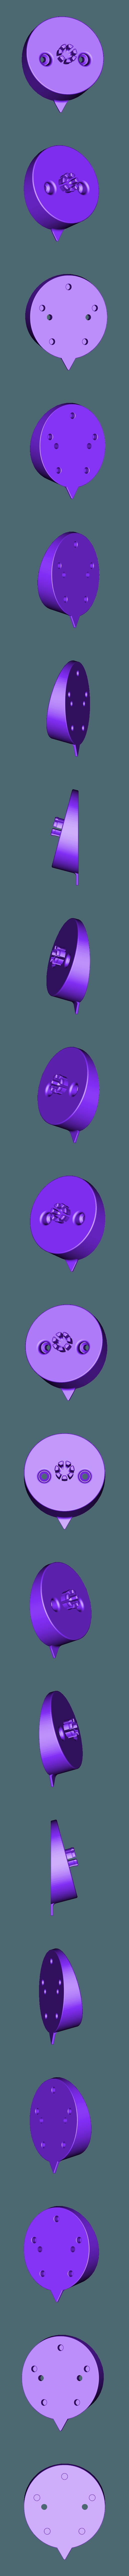 ChalksHolderBase.STL Download free STL file Magnetic Revolve Holder for Chalks or Pens • 3D printer model, igormazurenko